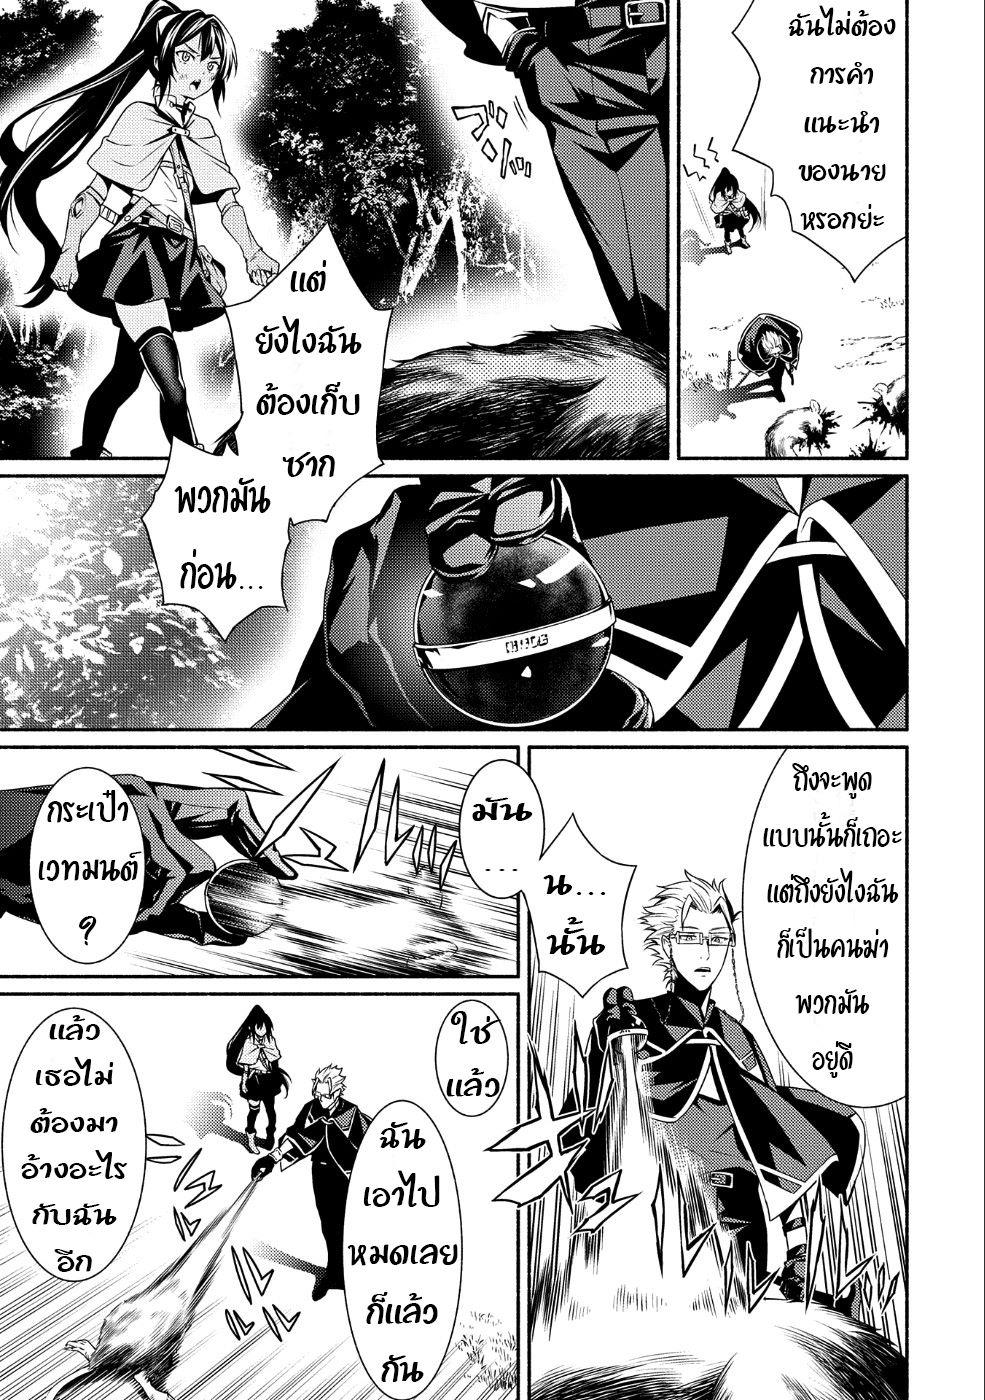 อ่านการ์ตูน Saikyou Party no Zatsuyougakari Ossan wa Muriyari Kyuuka o Tora Sareta you desu ตอนที่ 1 หน้าที่ 35